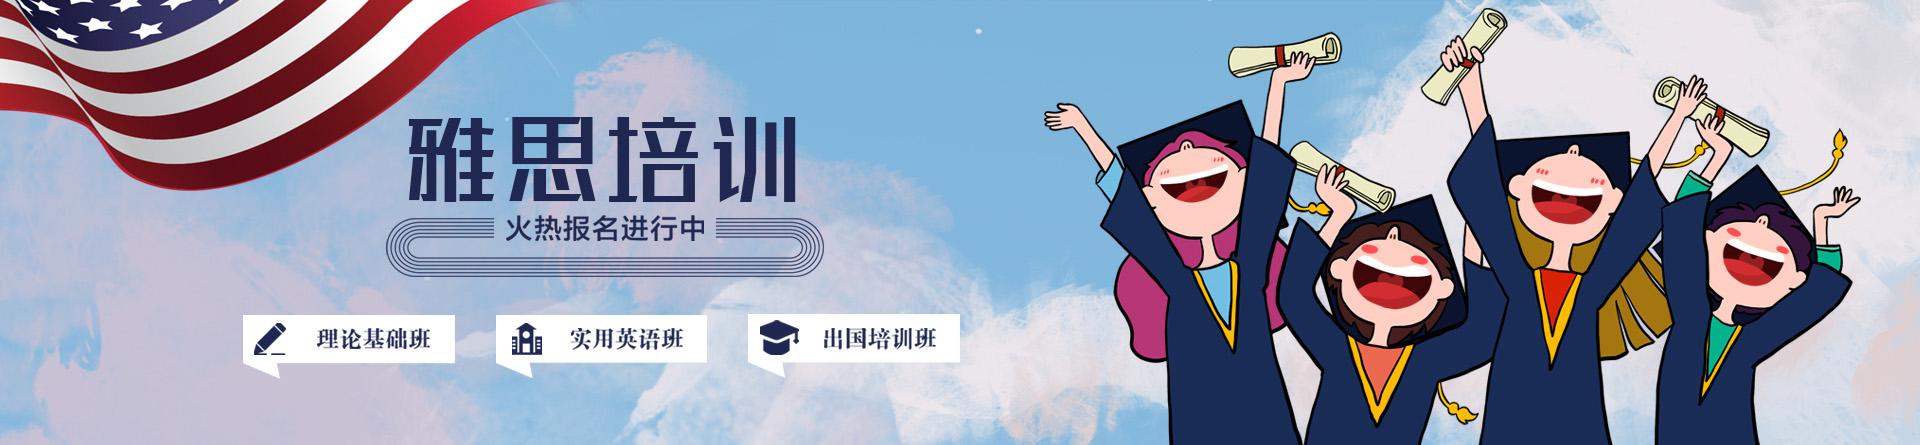 哈尔滨新航道英语培训